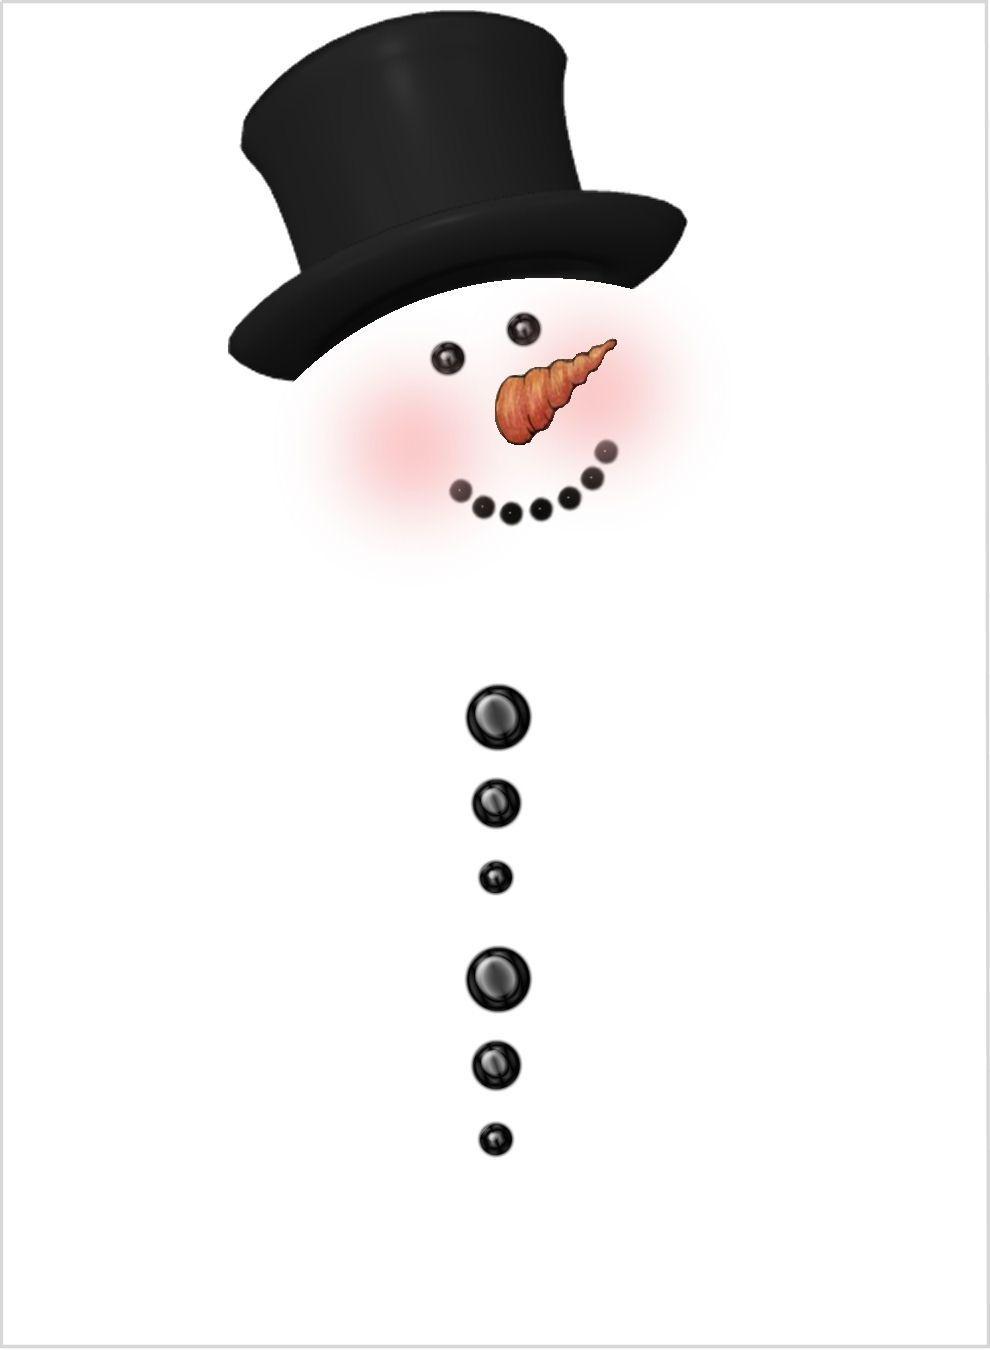 Free Printable Snowman Chocolate Bar Wrappers | Snowman Rolo Wrapper - Snowman Candy Bar Wrapper Free Printable